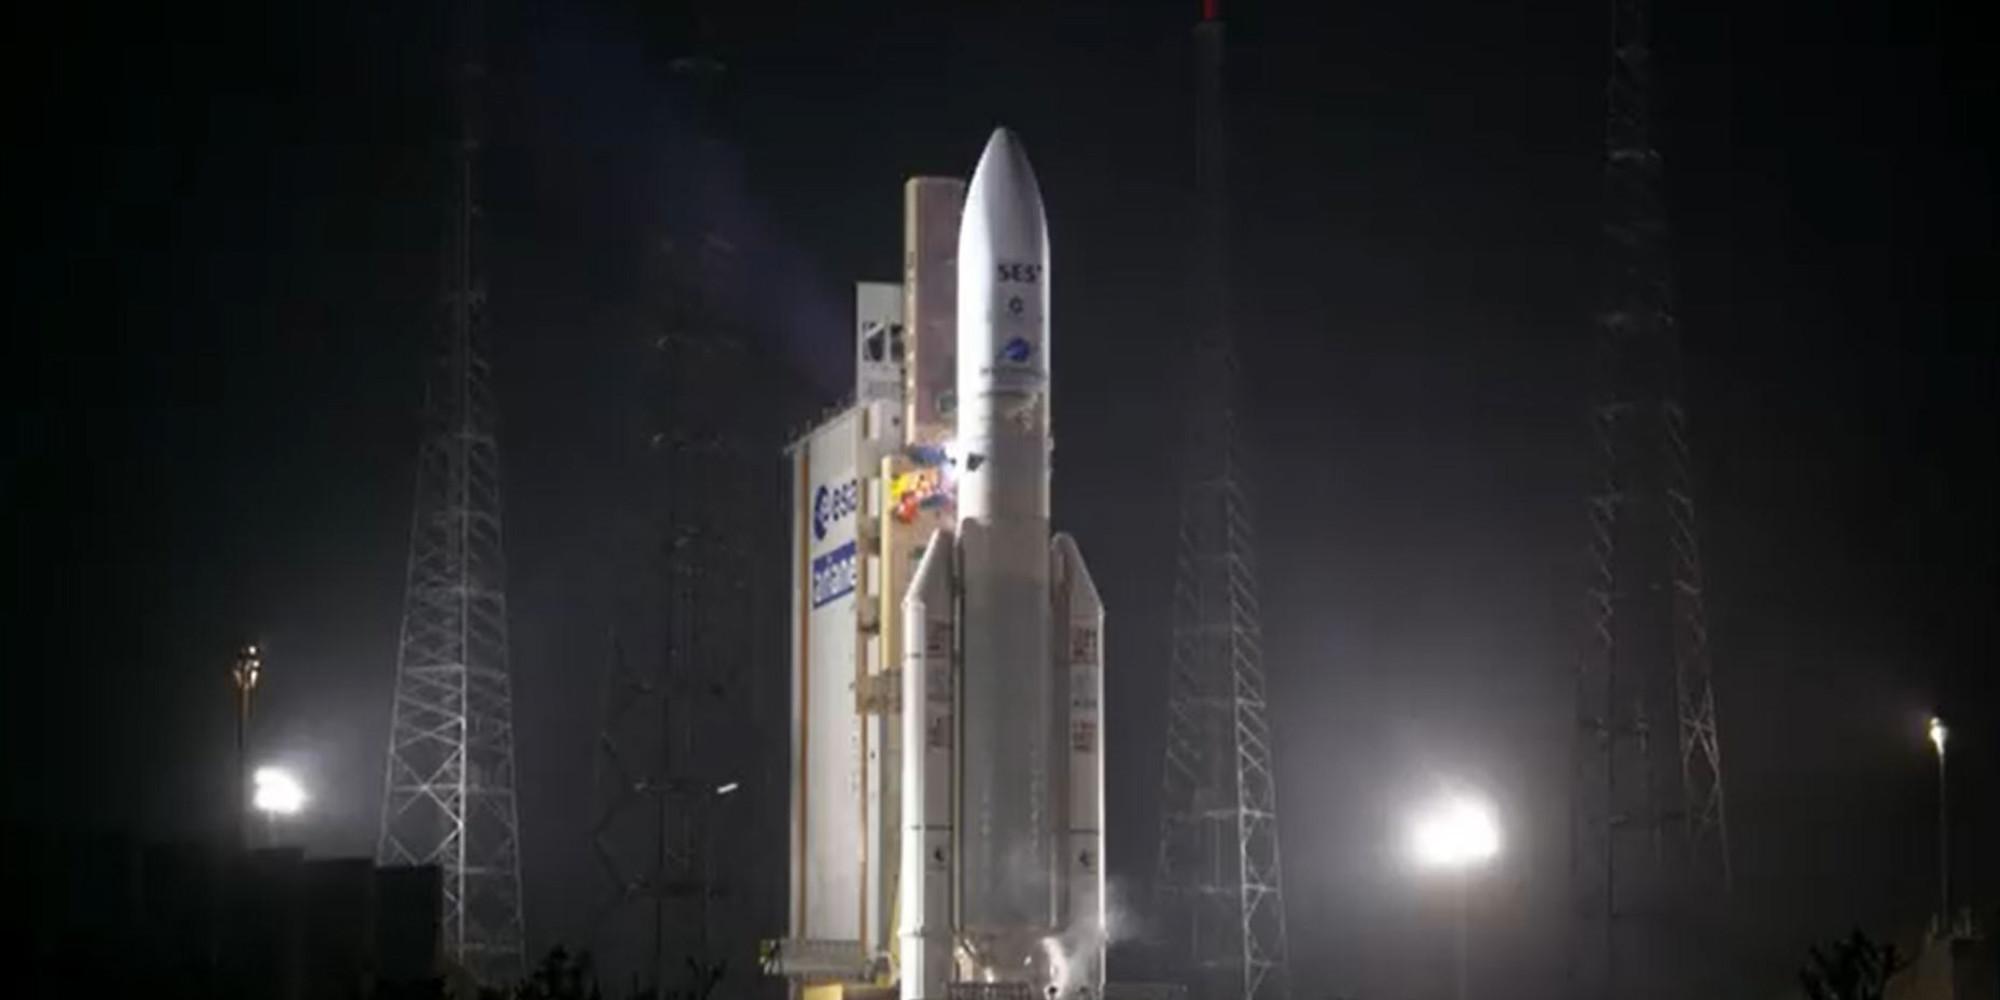 La France a placé en orbite un satellite de communication militaire dernière génération